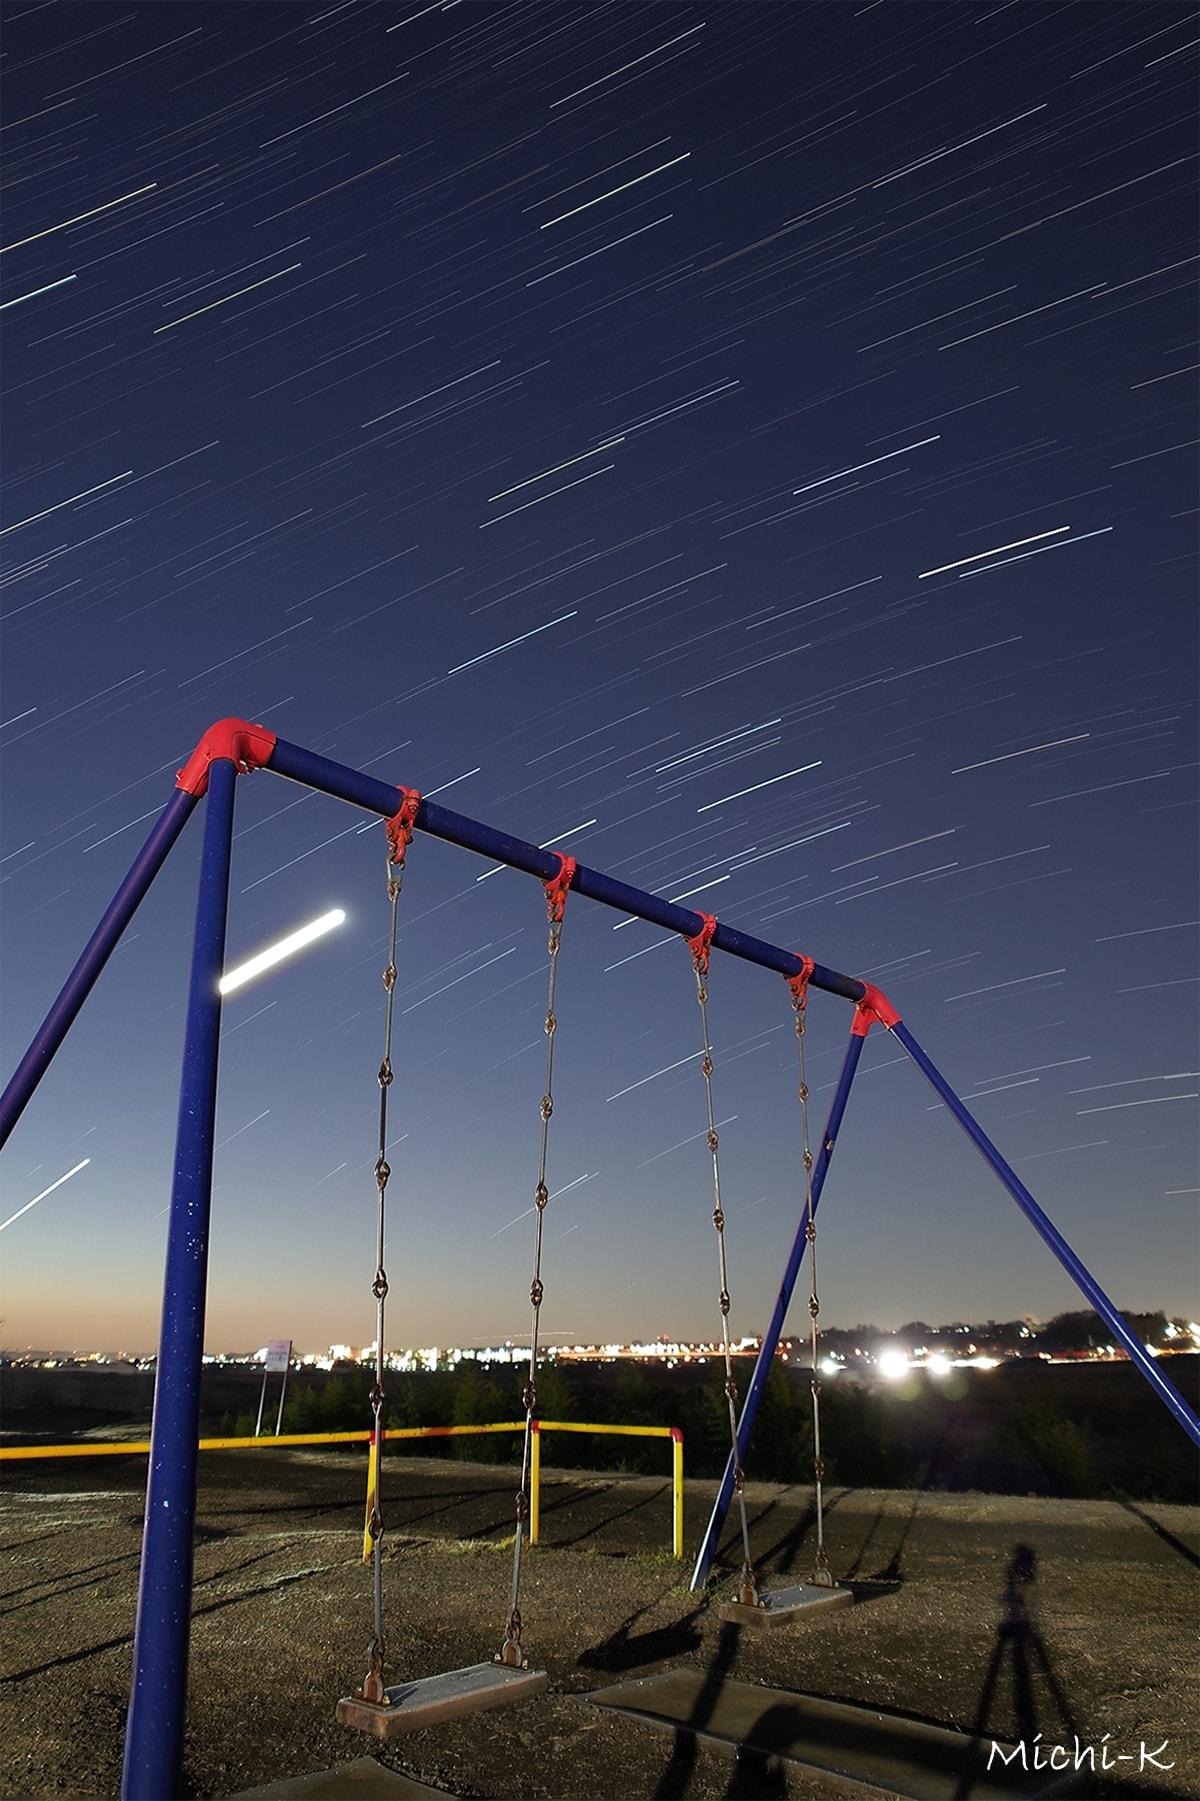 夜の公園にて